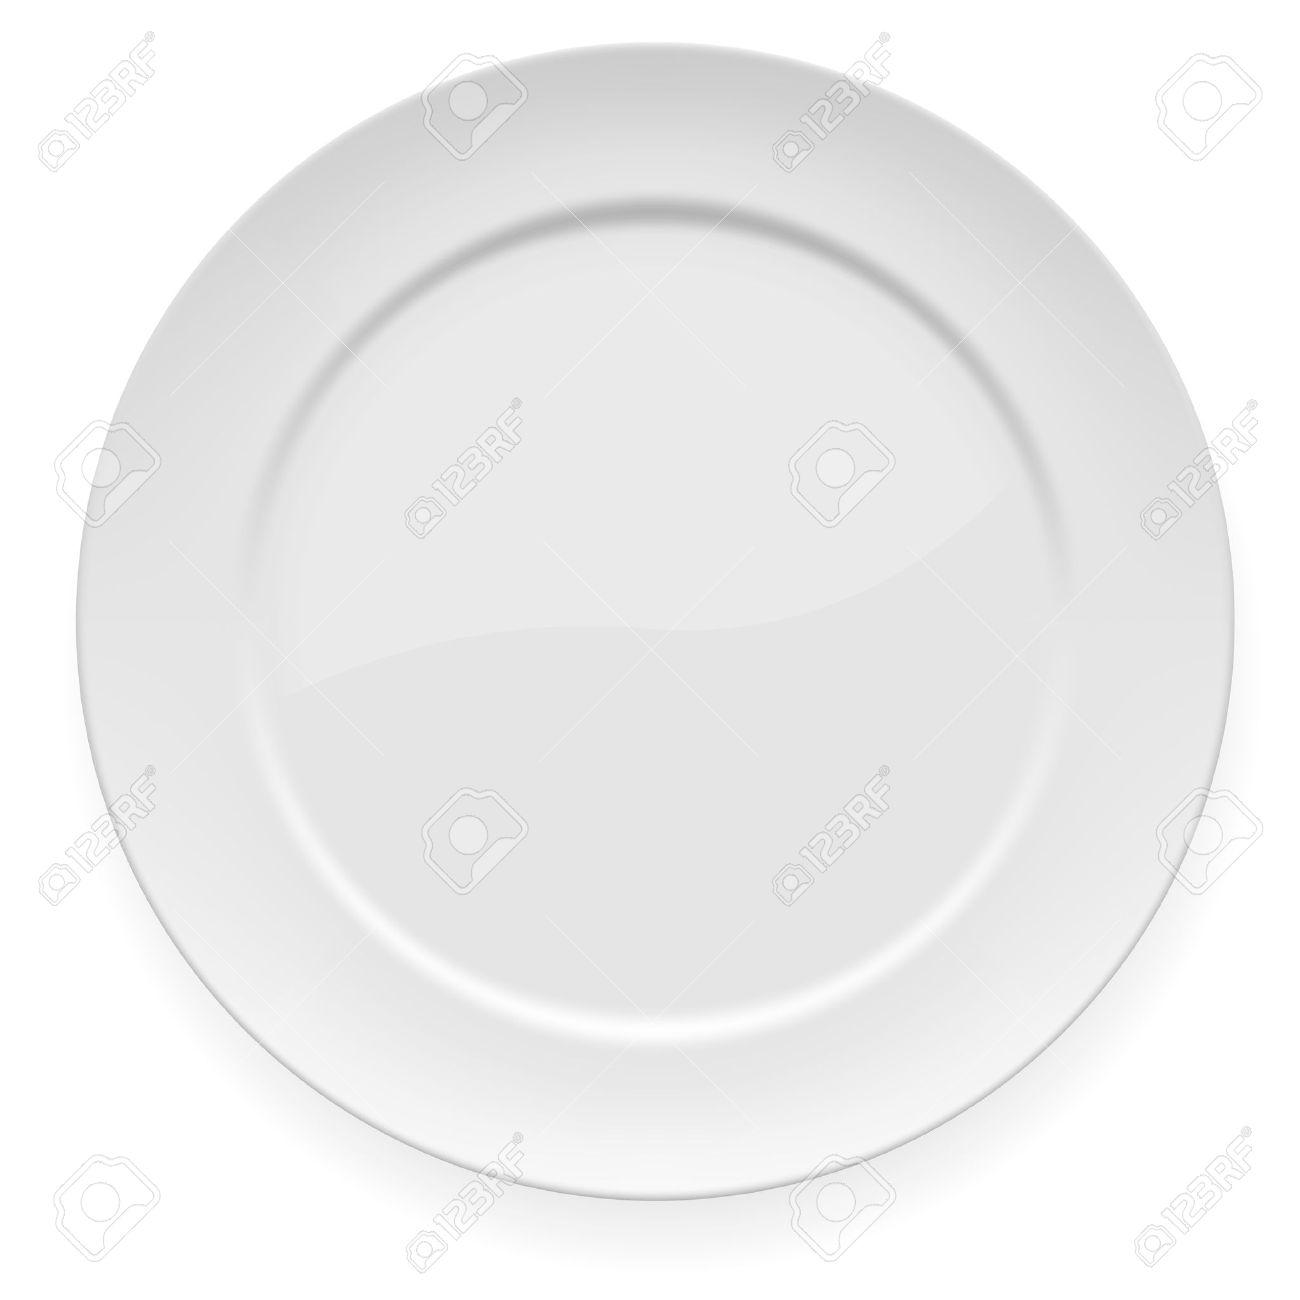 illustration of blank white dinner plate isolated on white. Stock Vector - 14713902